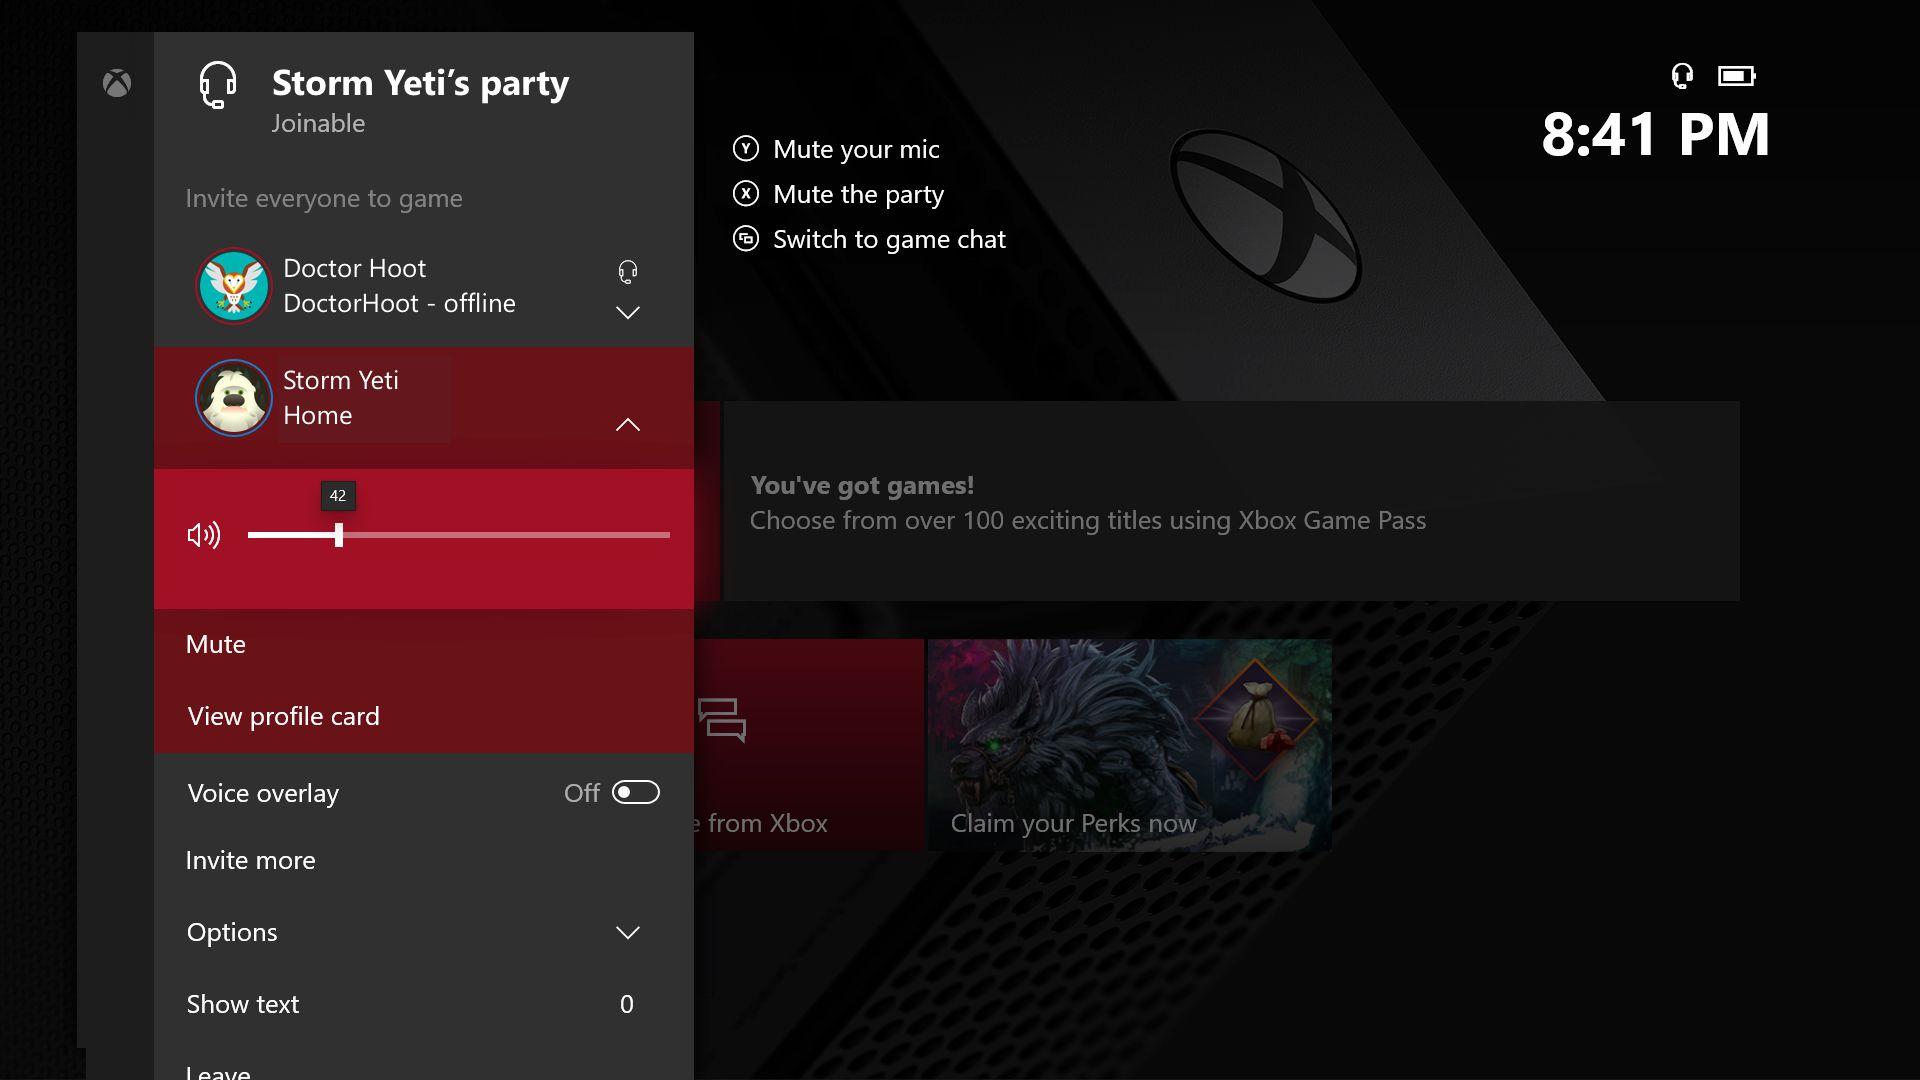 Инсайдеры получили долгожданную функцию с новым обновлением прошивки Xbox One